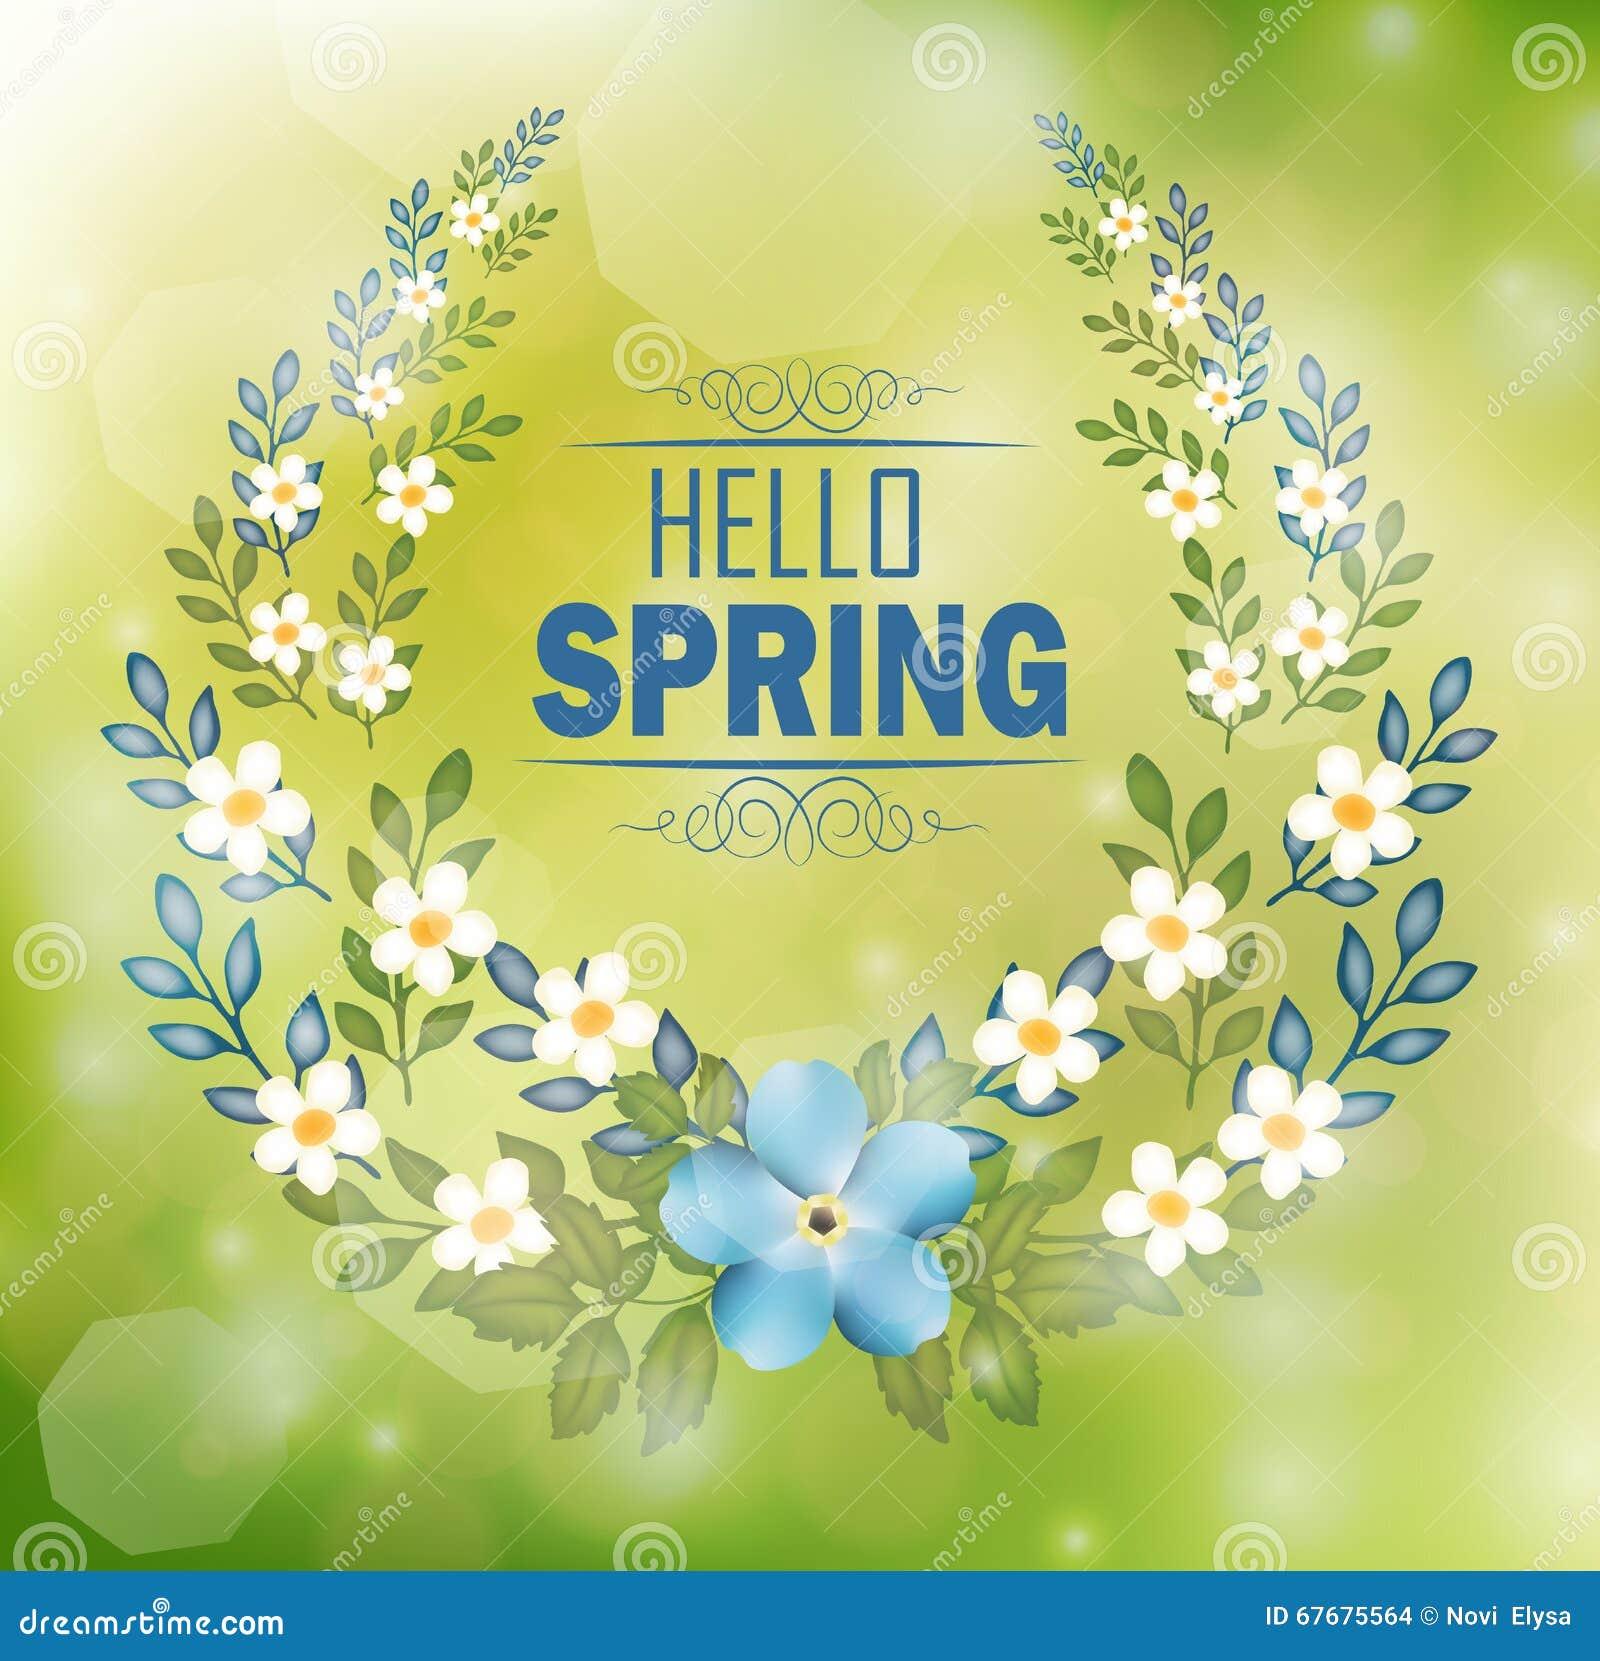 Blumenrahmen Mit Texthallo Frühling Und Bokeh Hintergrund Vektor ...